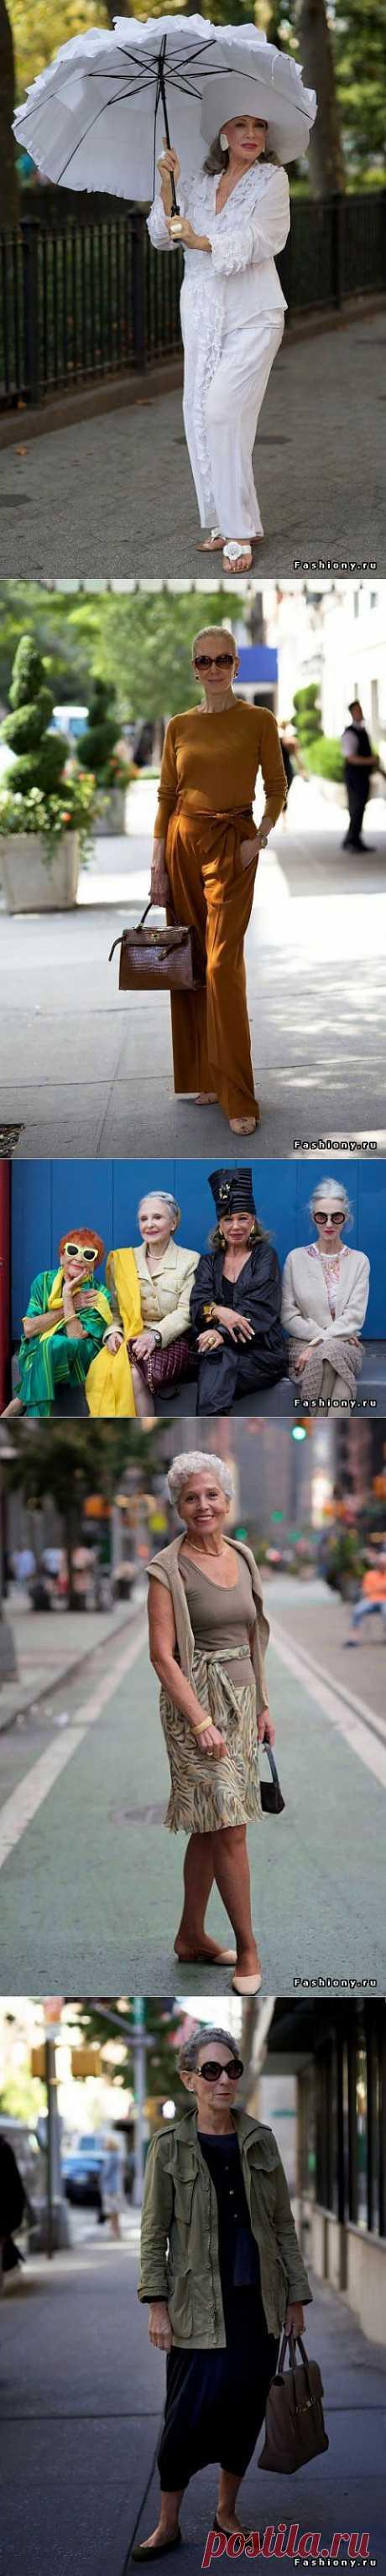 """Сегодня хочу показать новые образы из блога Advanced Style. Этот блог ведет- Ari Seth Cohen с 2008 года. Она бродит по улицам Нью-Йорка и фотографирует интересных и модных пожилых людей. Глядя на них, хочется сказать, что именно так я хочу выглядеть, когда стану бабушкой. Этим """" молодым"""" людям за 60-70-80, но глядя на них видишь, что жизнь у них бьет ключом, а глаза светятся."""